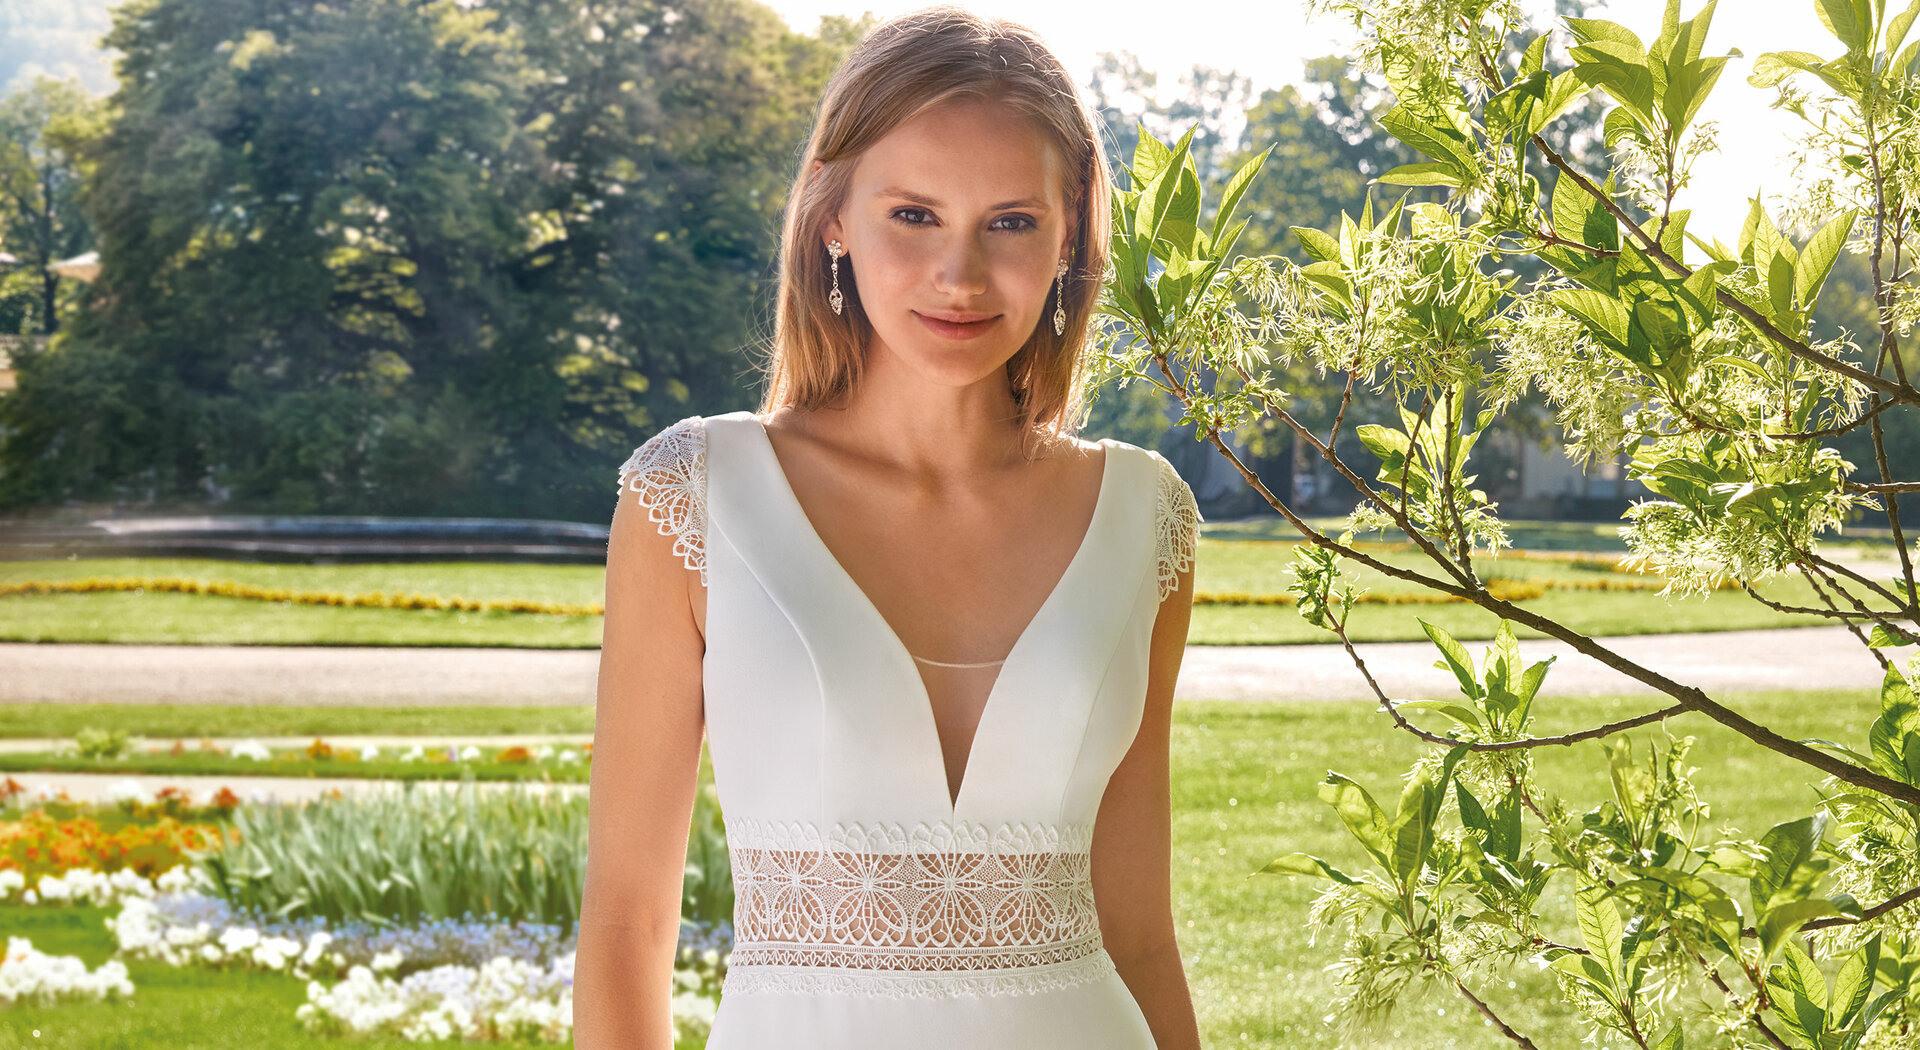 Designer Großartig Abendkleid Zweiteilig Corsage Galerie10 Erstaunlich Abendkleid Zweiteilig Corsage Ärmel